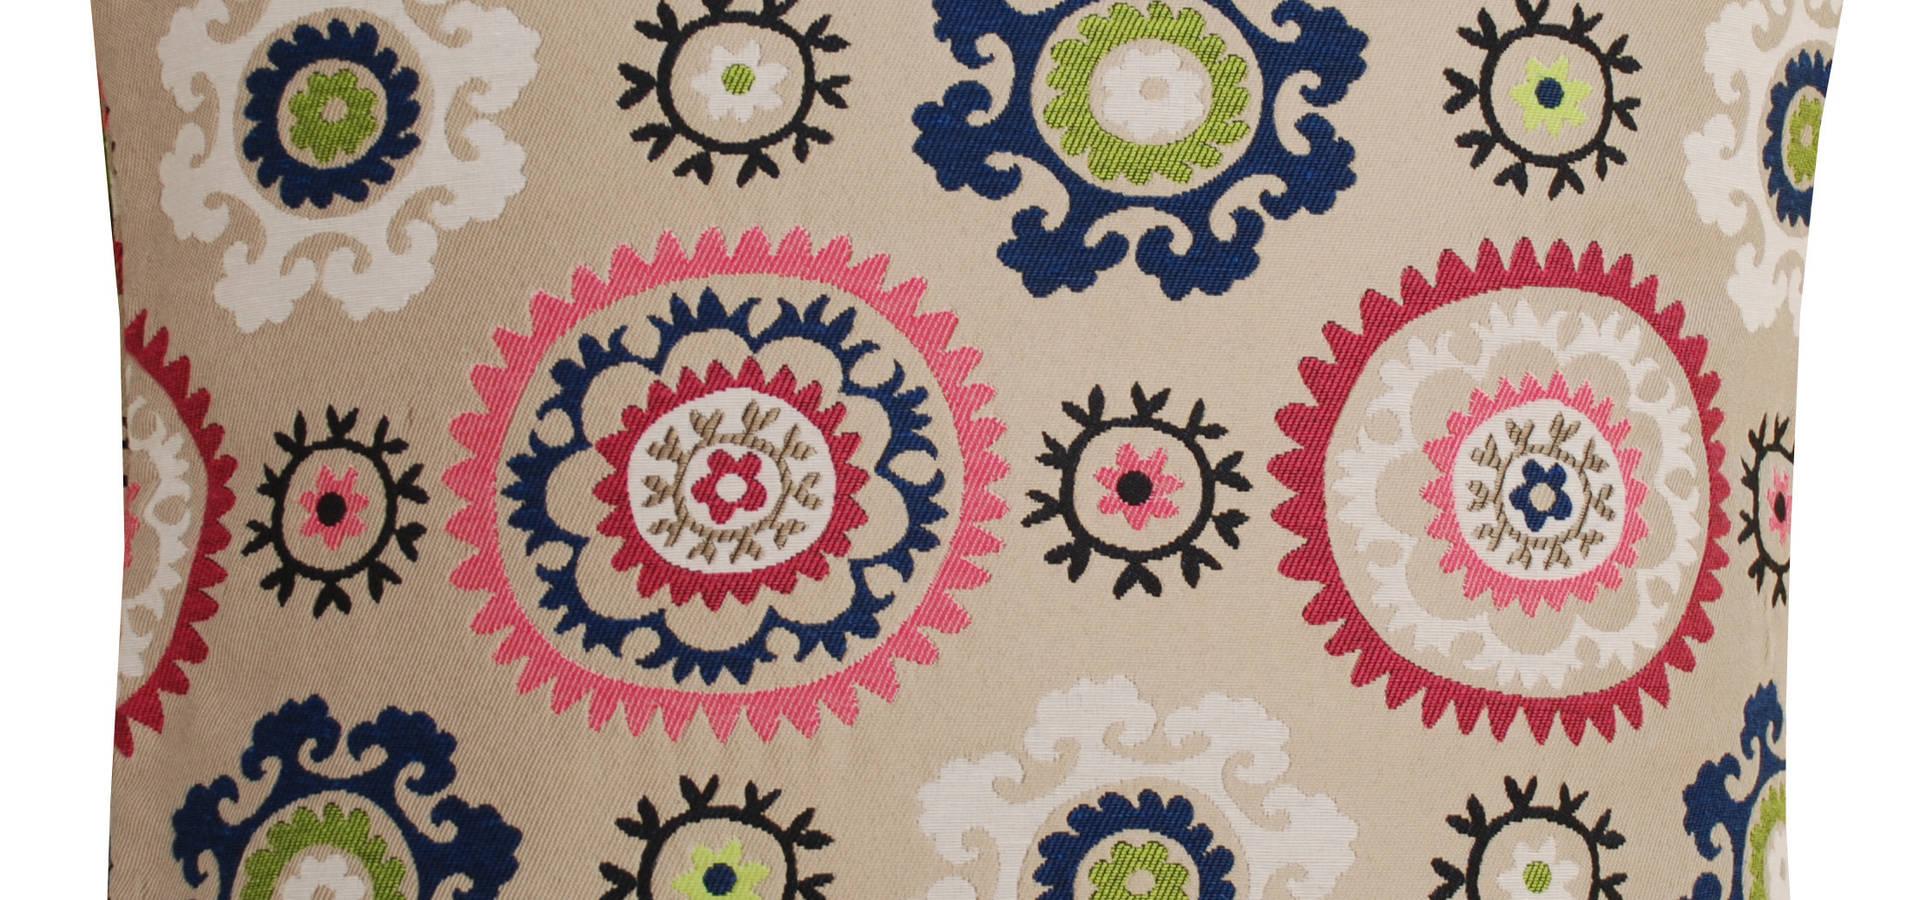 sas altimarel textiles tissus d 39 ameublement villefranche sur sa ne sur homify. Black Bedroom Furniture Sets. Home Design Ideas